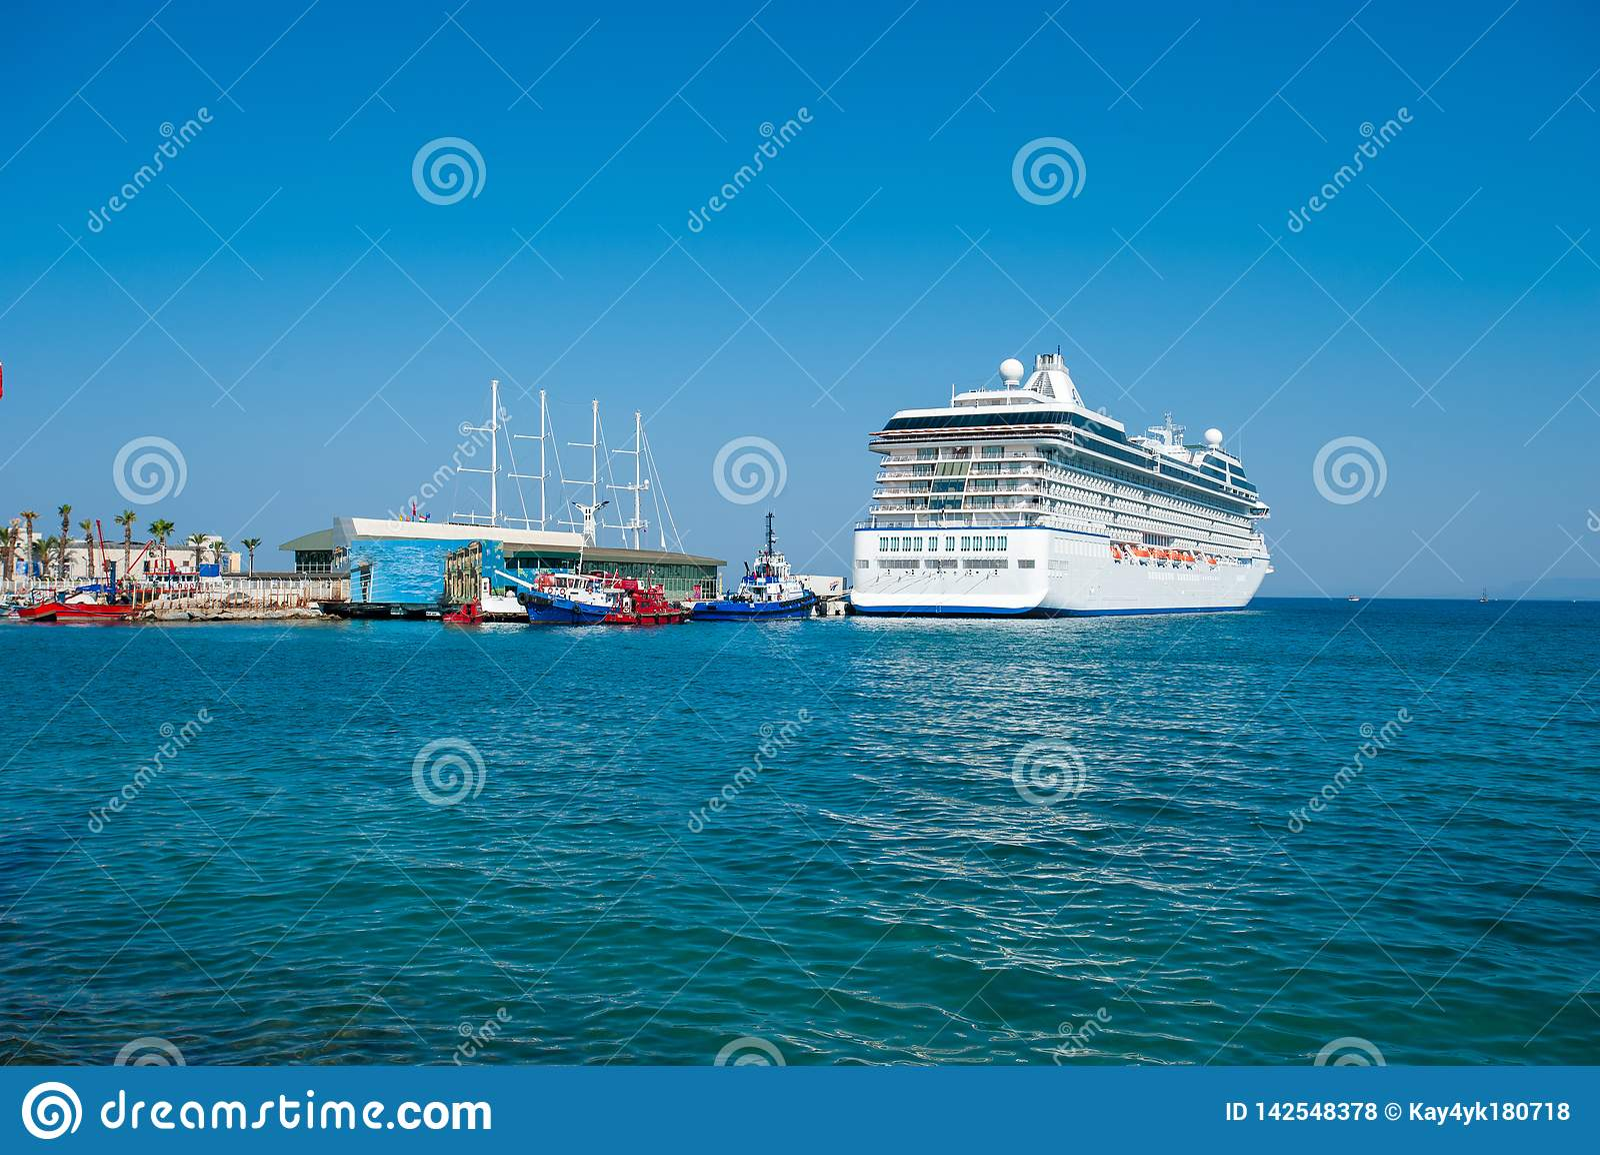 Белое состыкованное туристическое судно, круиз для всей семьи, туристическое судно